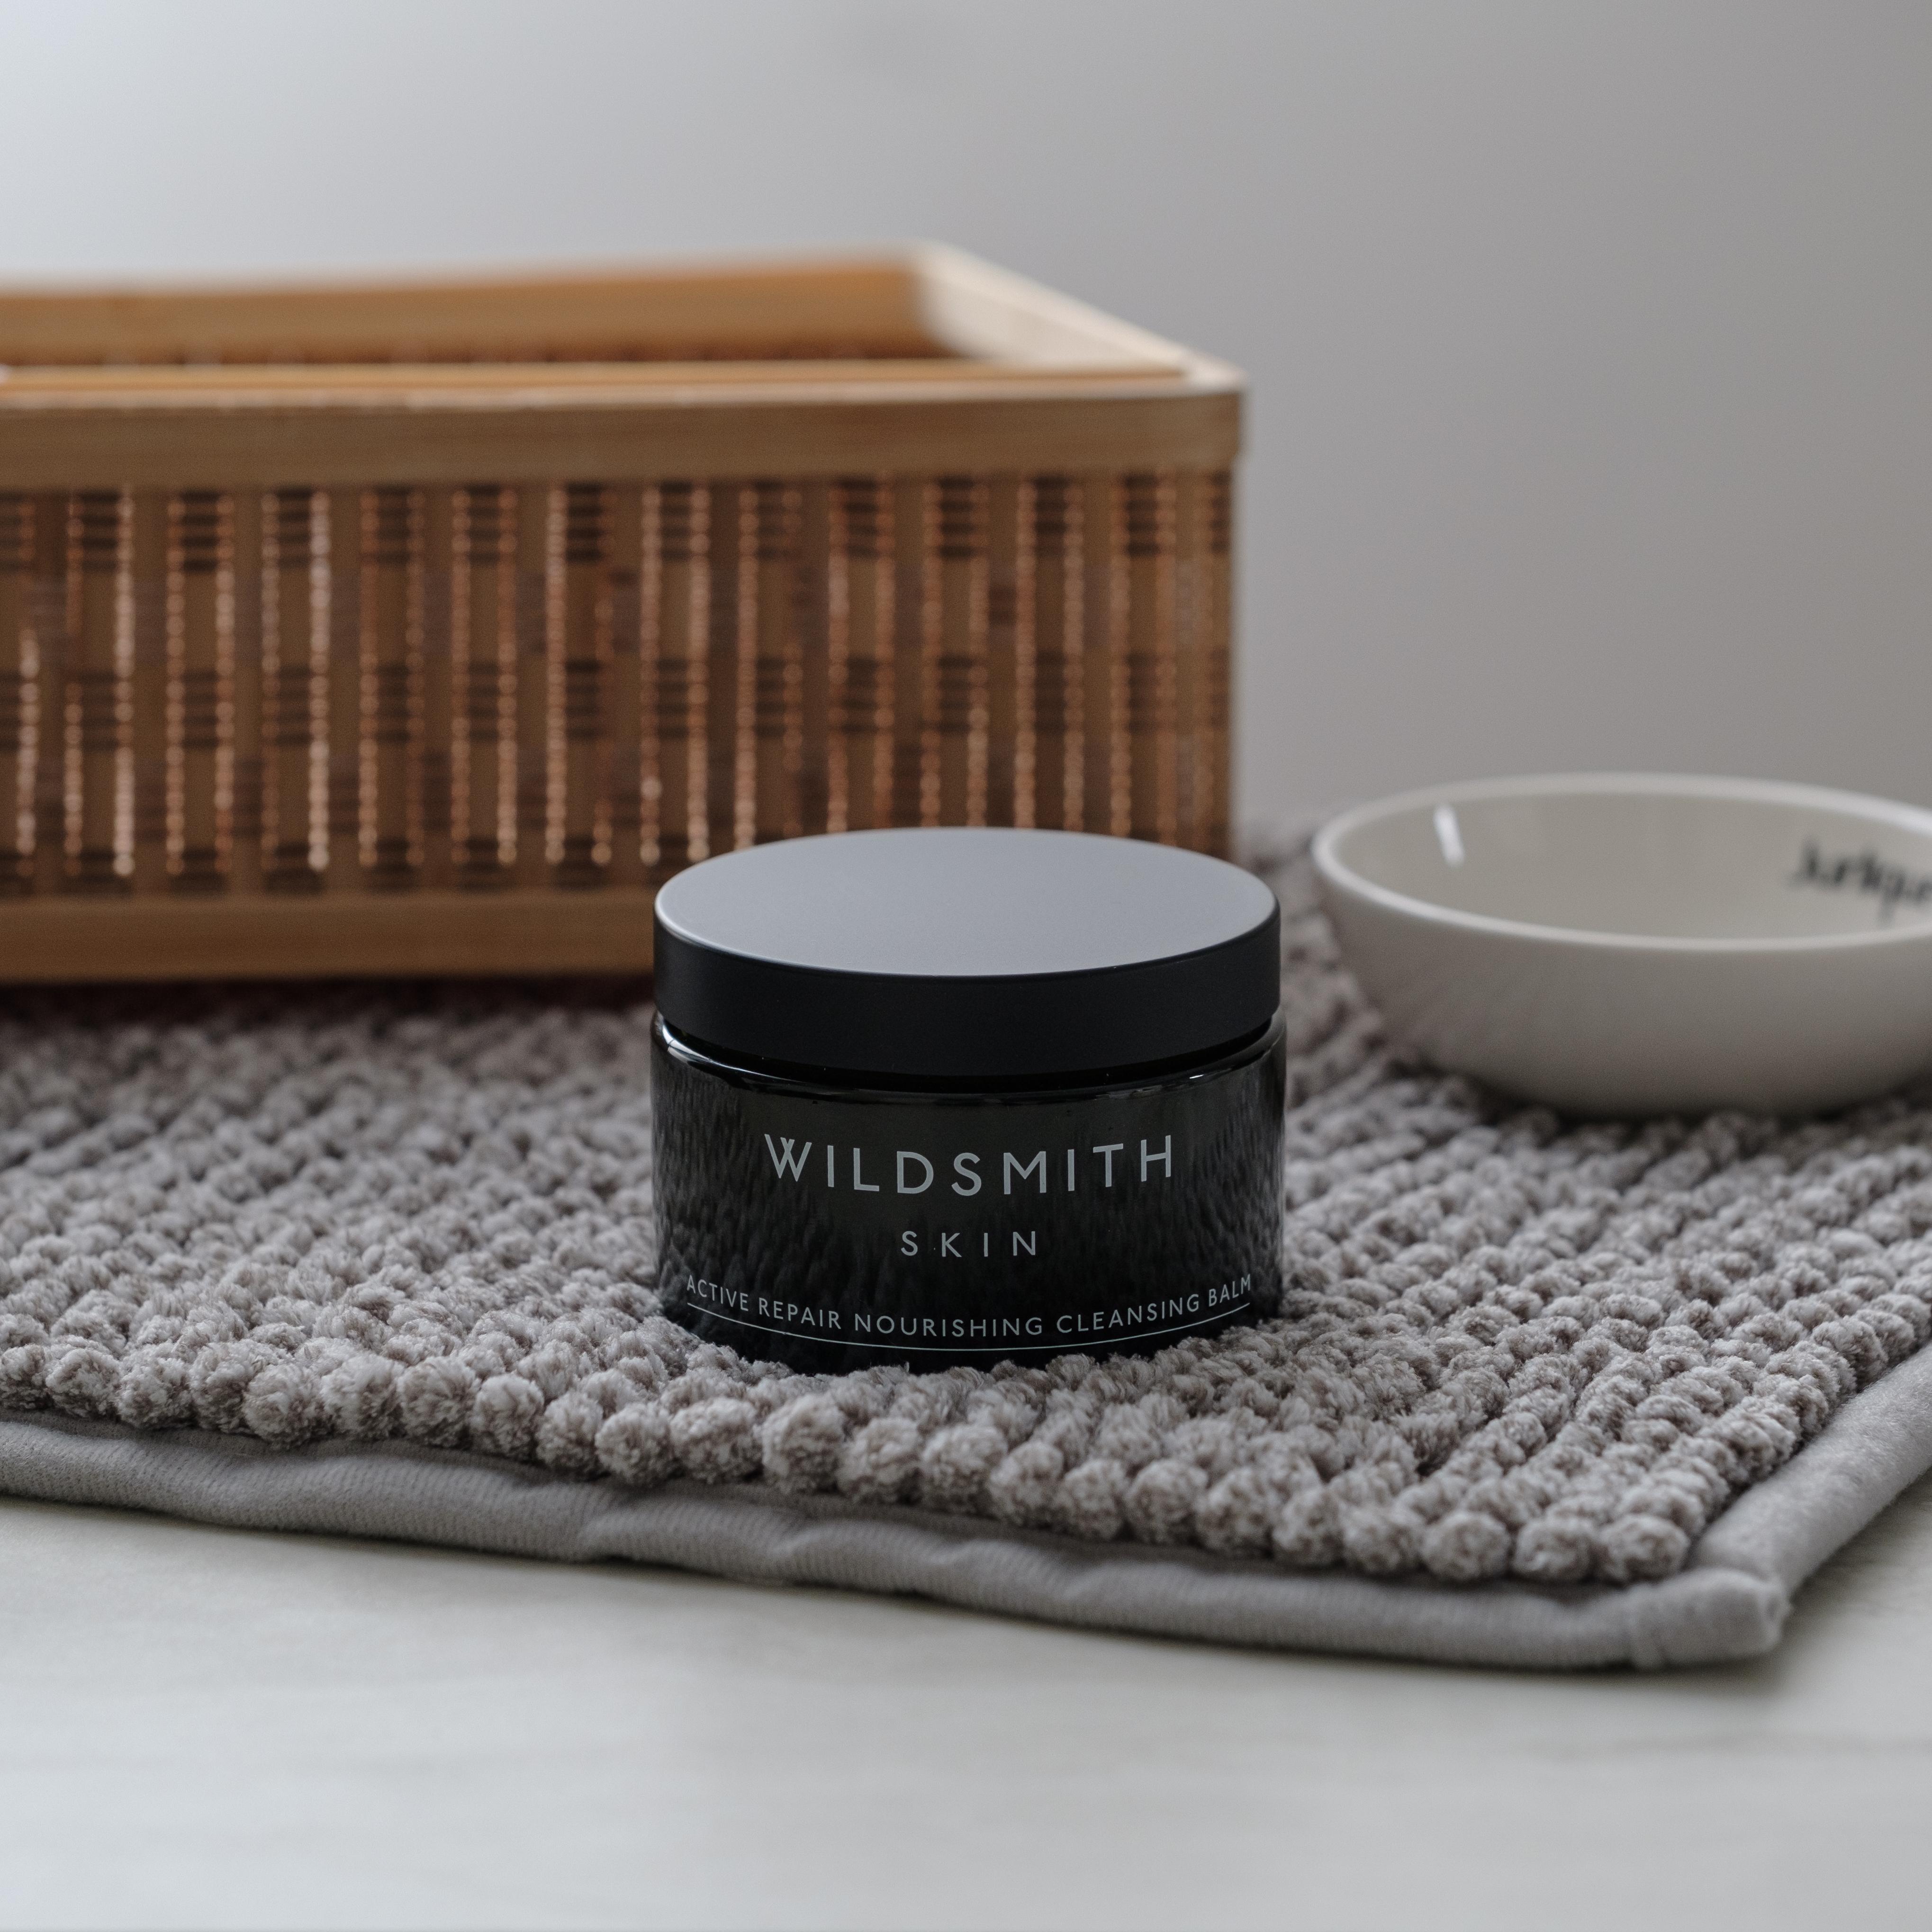 Wildsmith Active Repair Nourishing Cleaning Balm HK$735/200ml